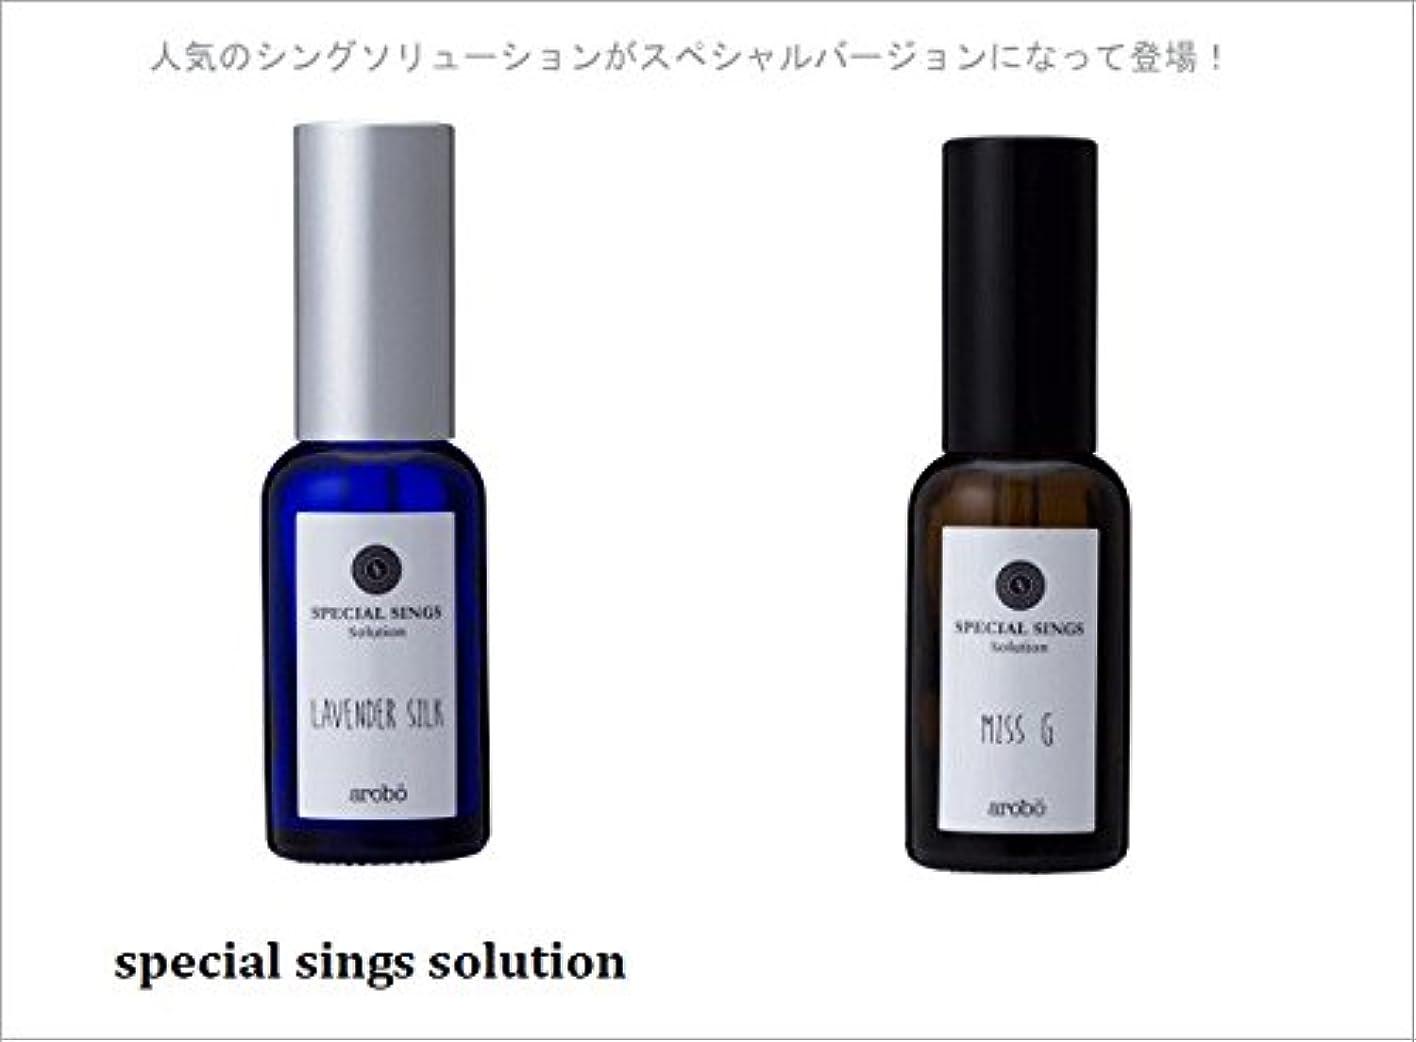 育成設置糸arobo(アロボ) 専用ソリューション CLV- 831 Lavender Silk